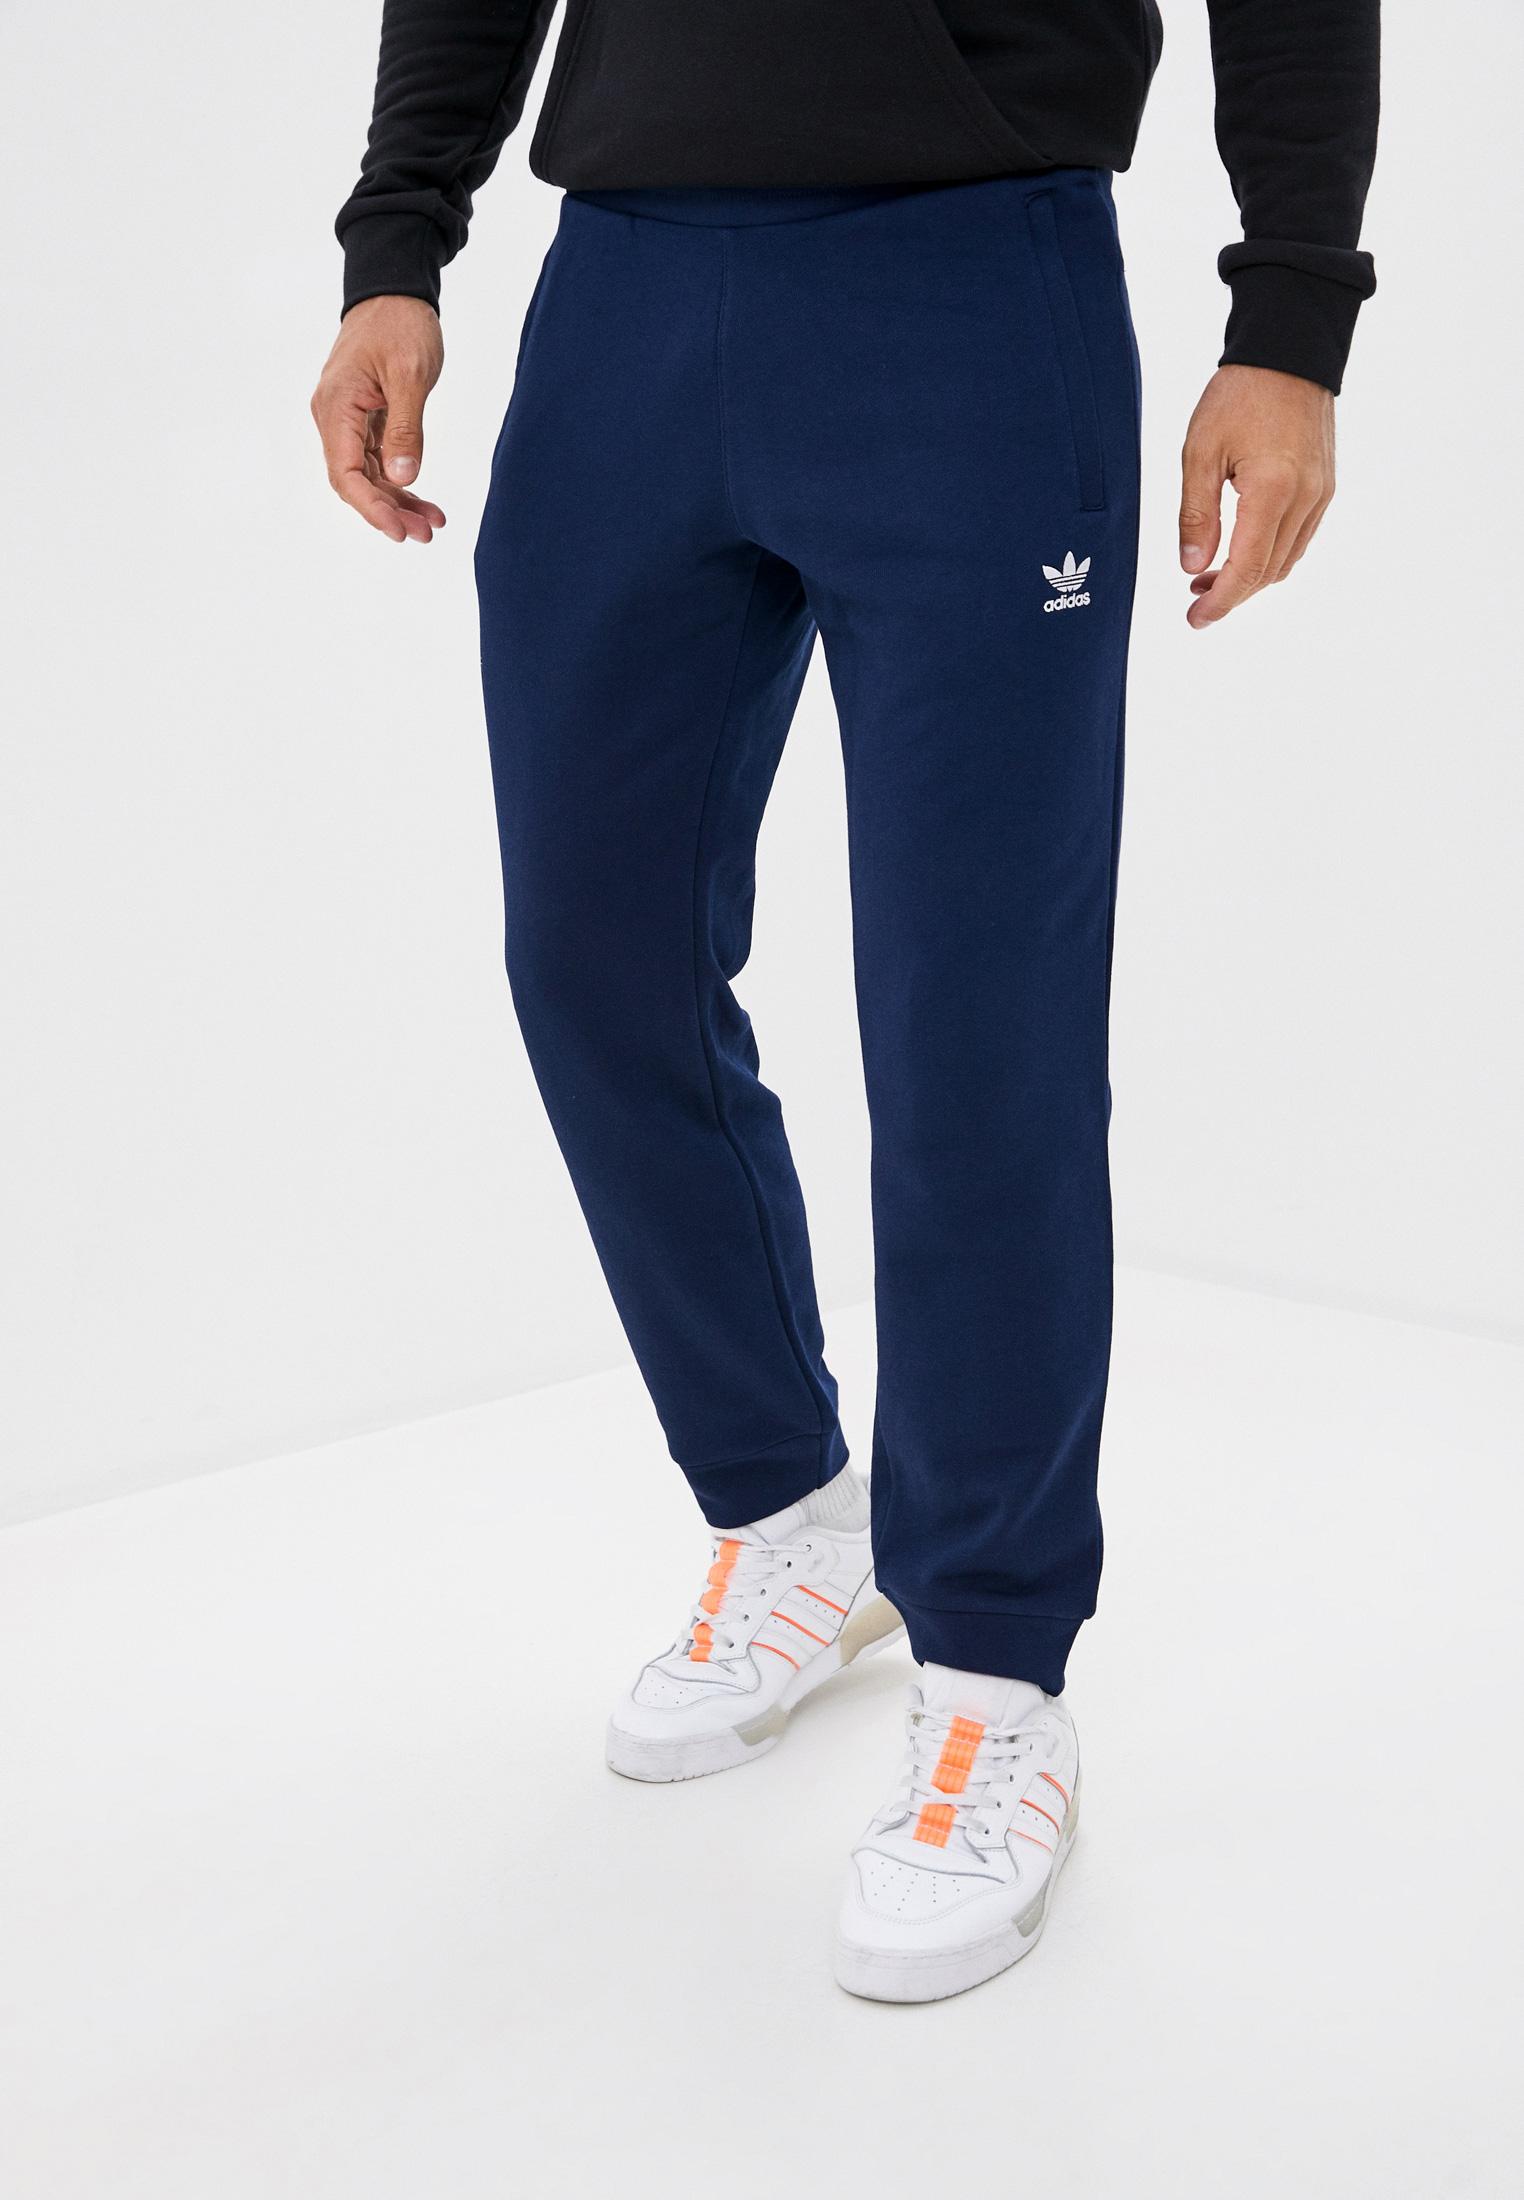 Брюки спортивные adidas Originals TREFOIL PANT за 4 240 ₽. в интернет-магазине Lamoda.ru